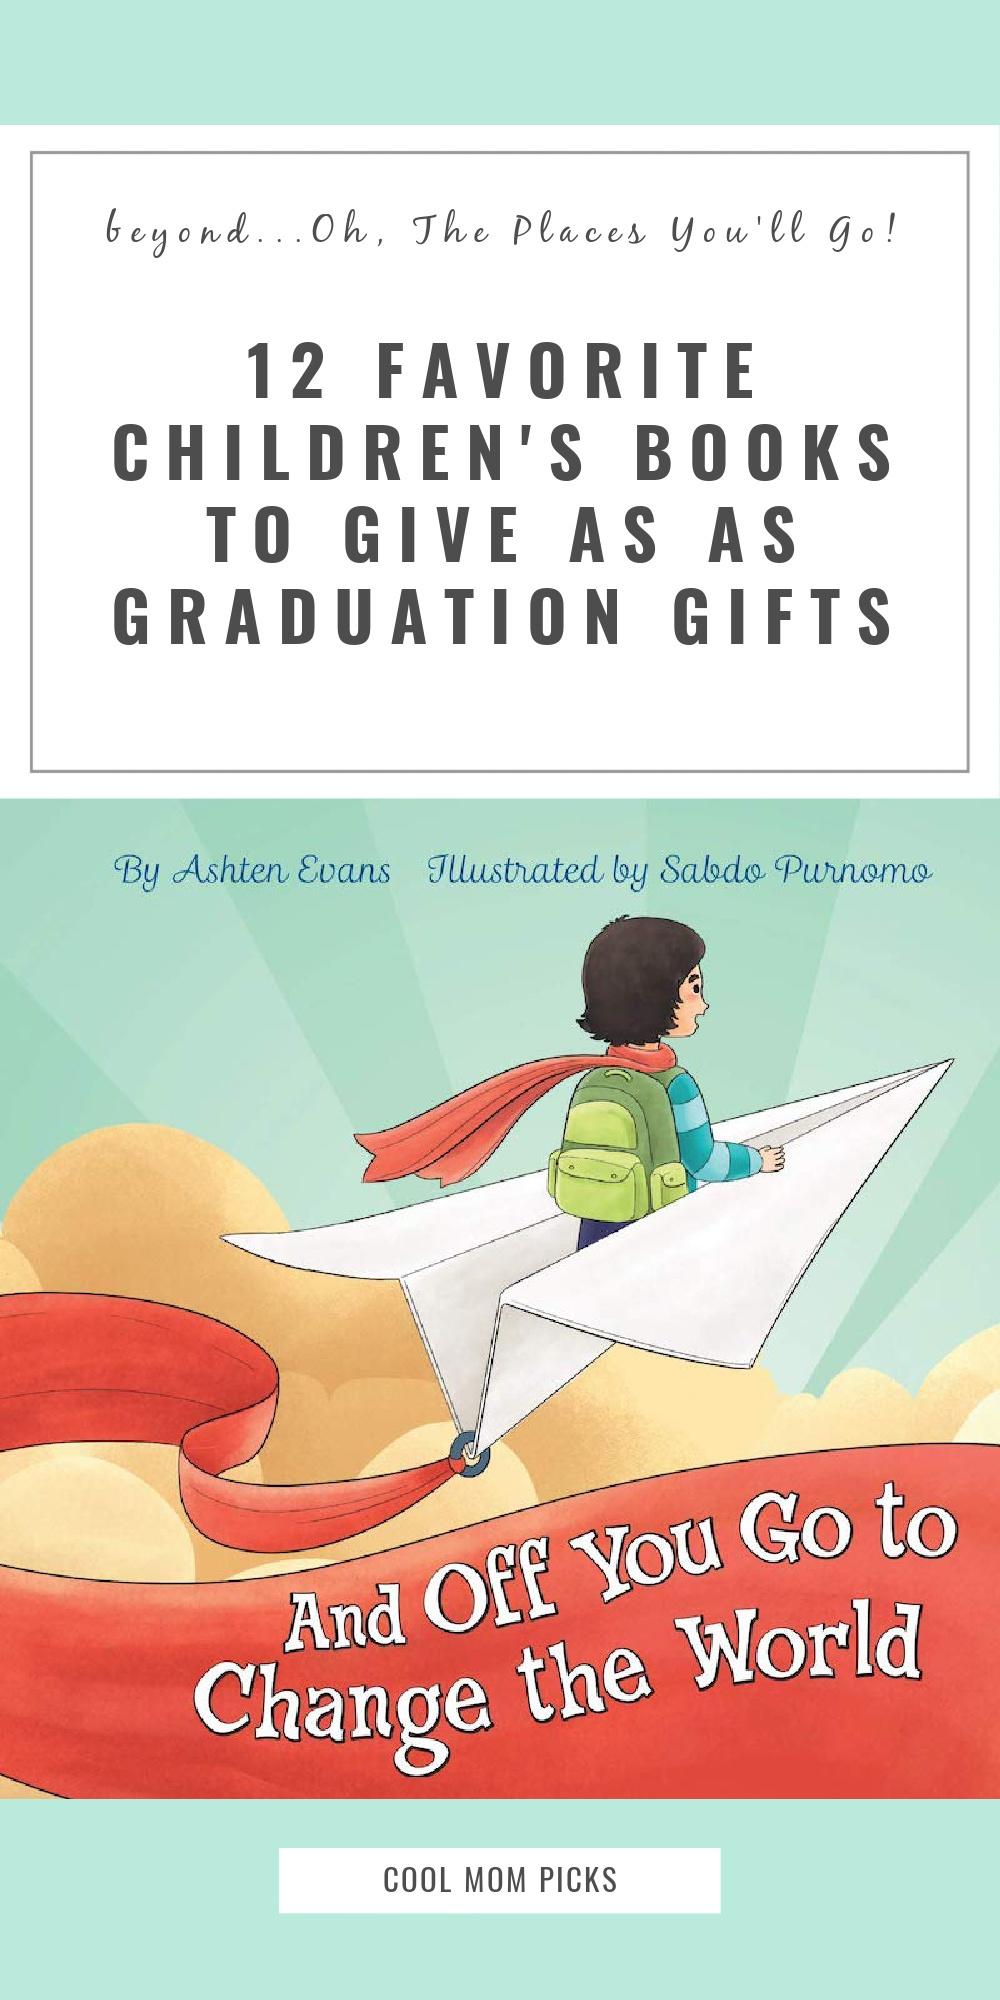 12 lovely children's books for graduation gifts   Cool Mom Picks